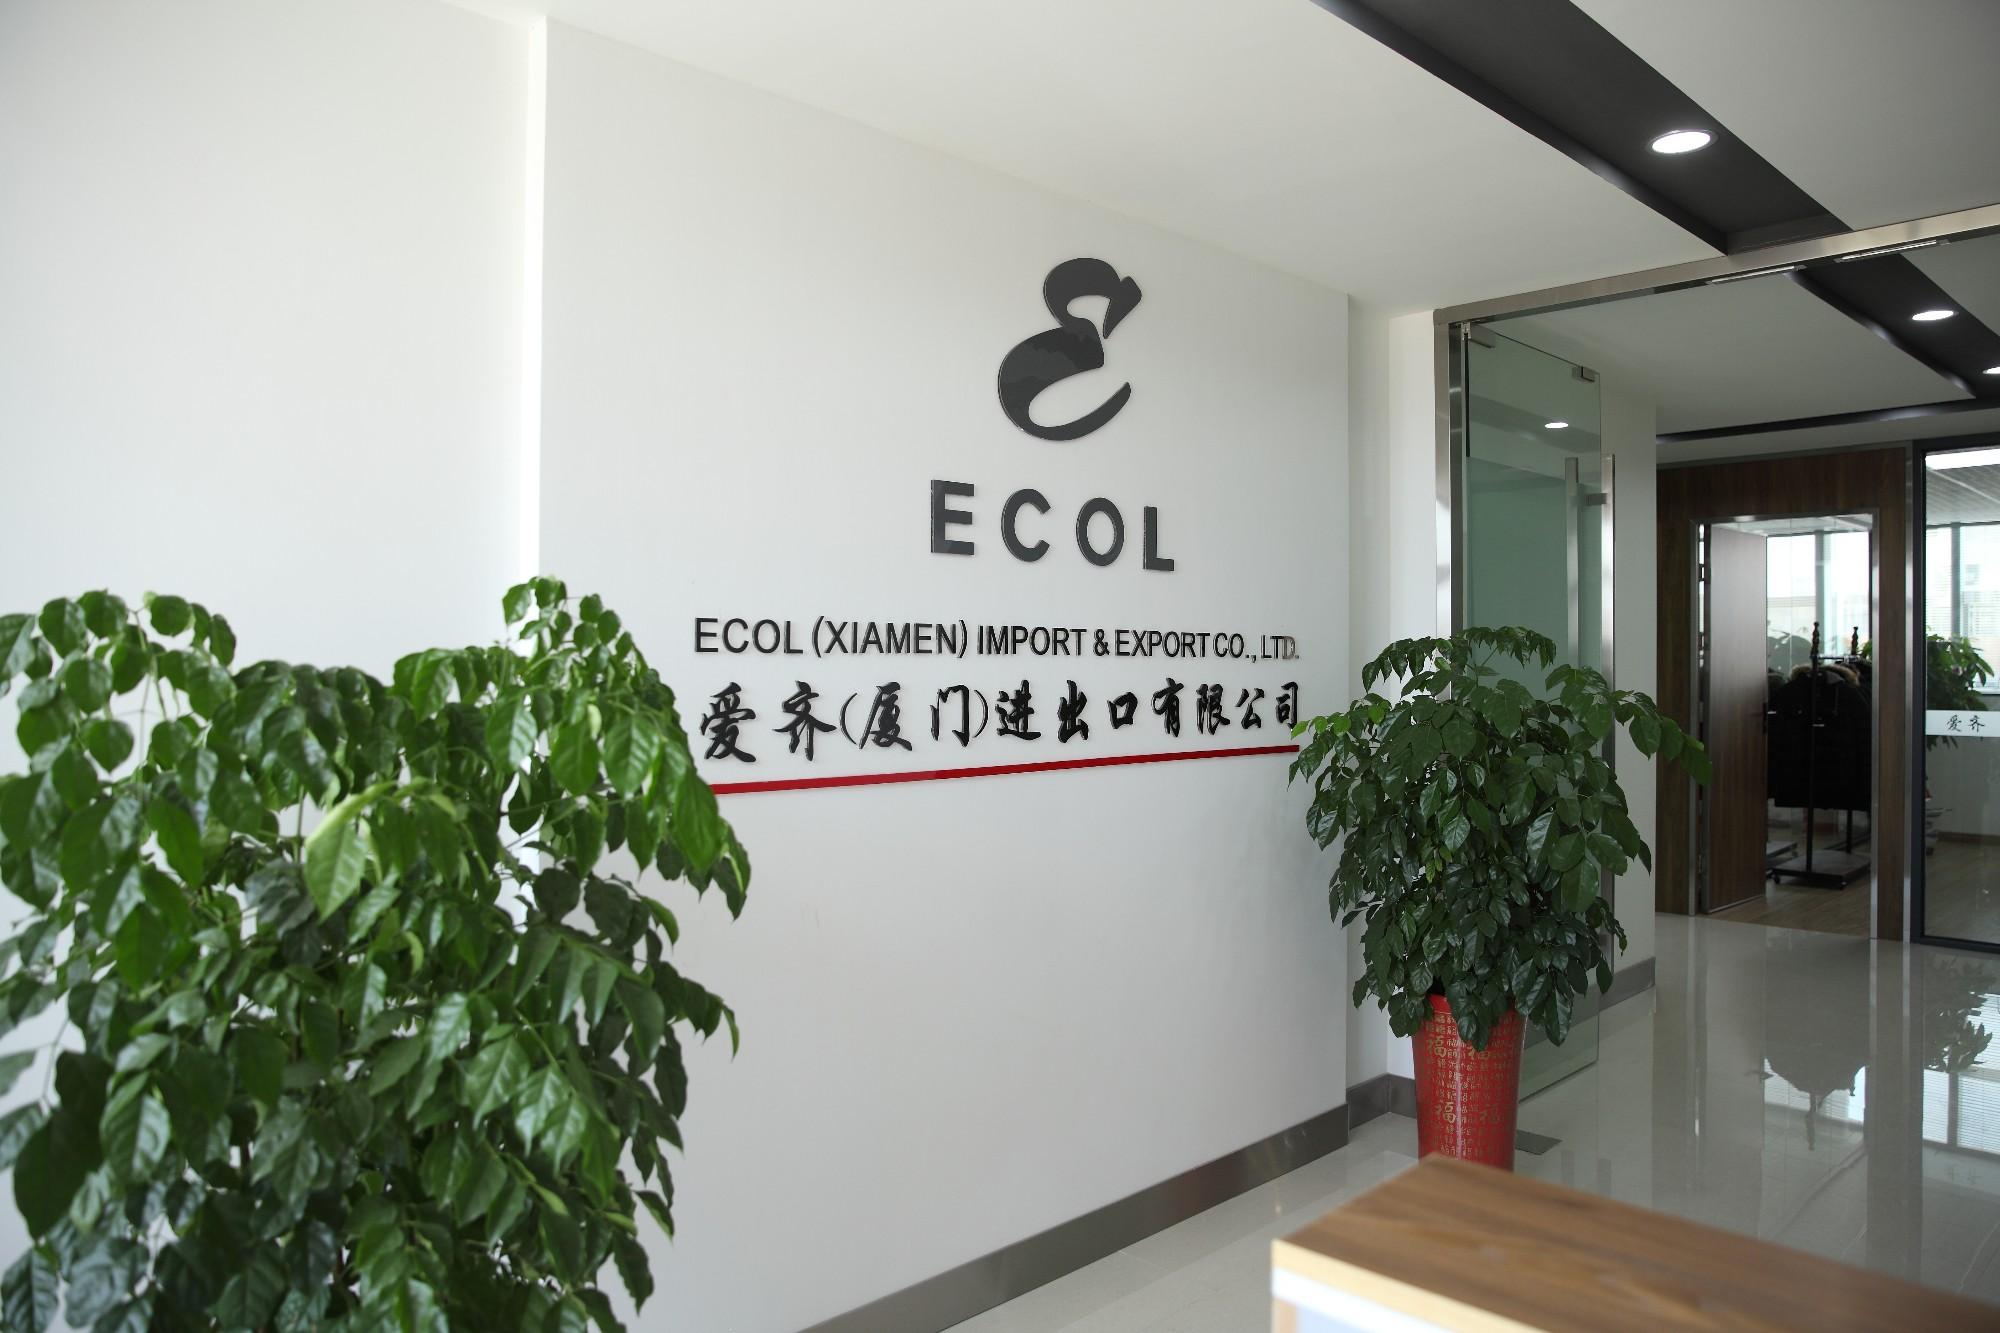 ECOL (XIAMEN) IMPORT & EXPORT CO. LTD